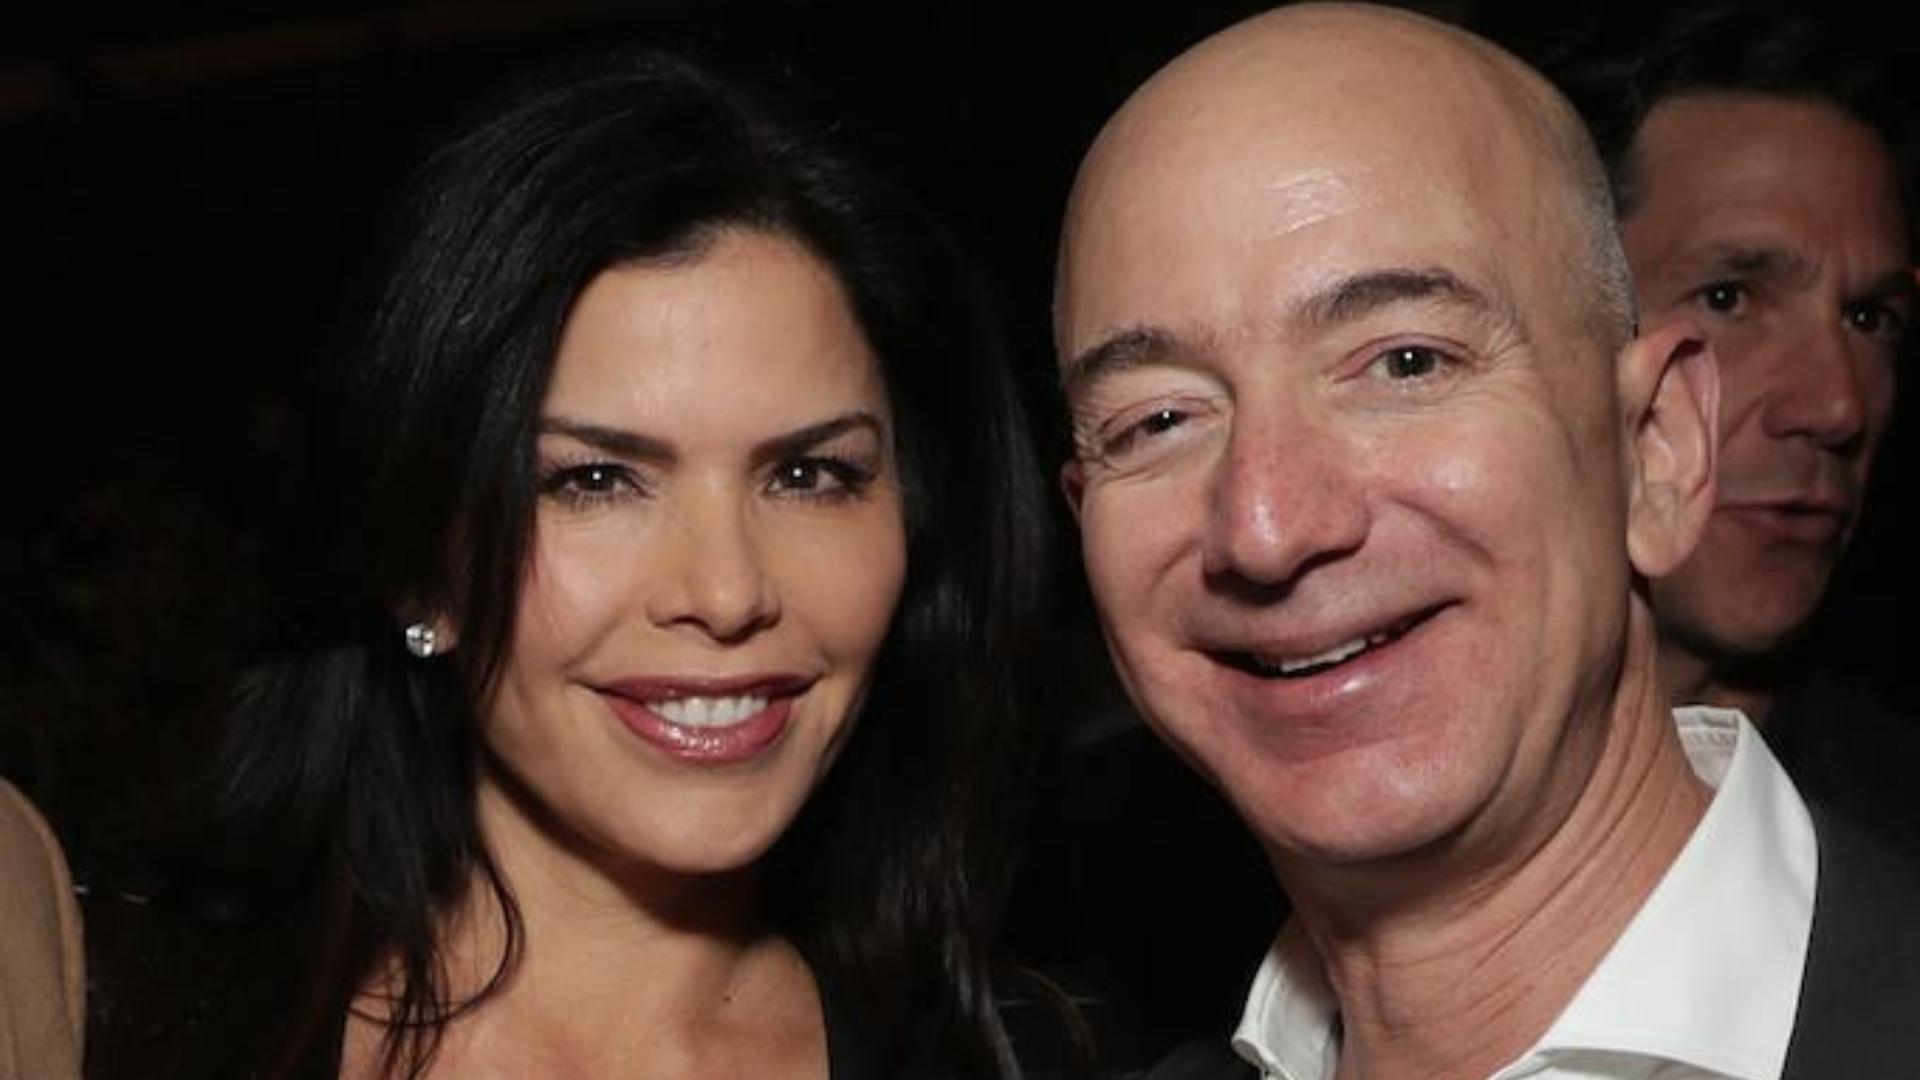 Jeff Bezos mantiene una relación romántica con la expresentadoraLauren Sanchez.